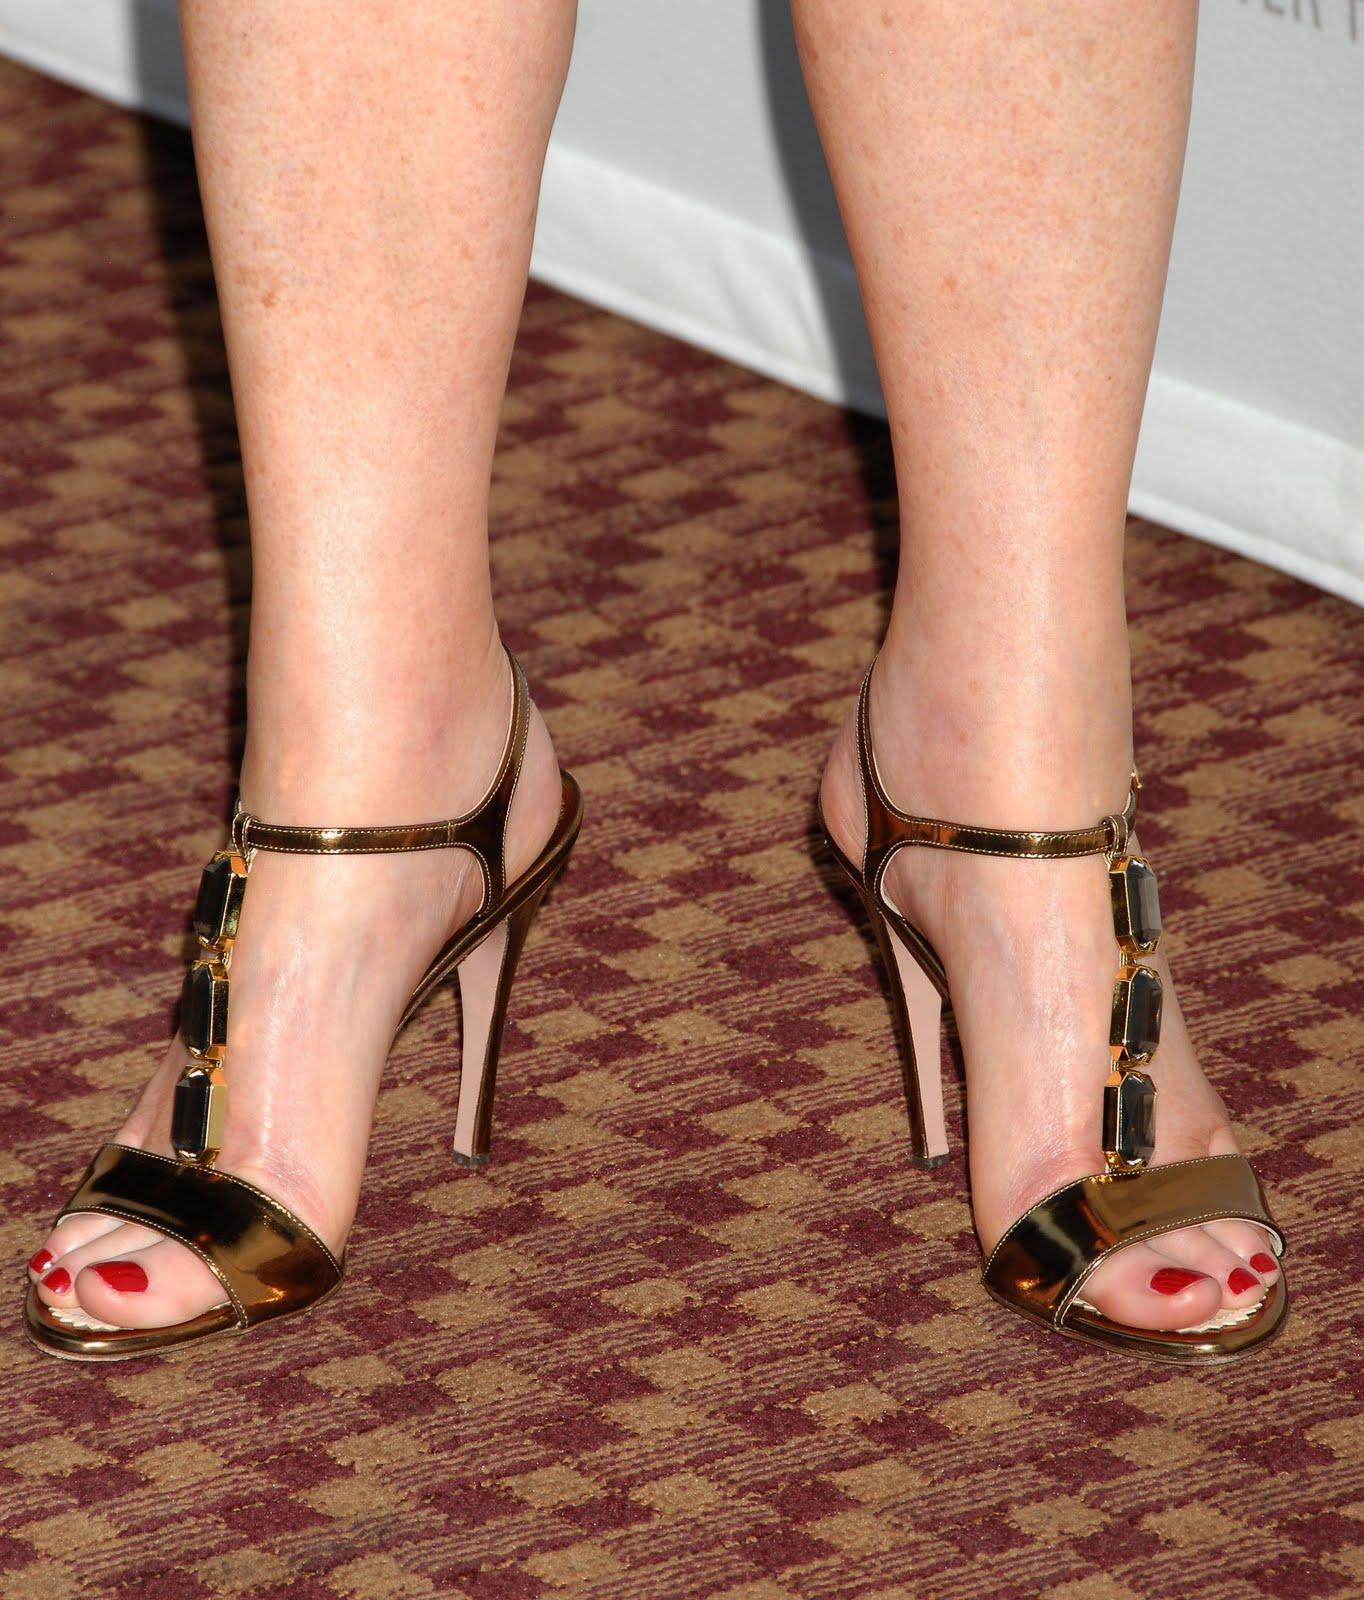 Feet Dana Delany nude photos 2019